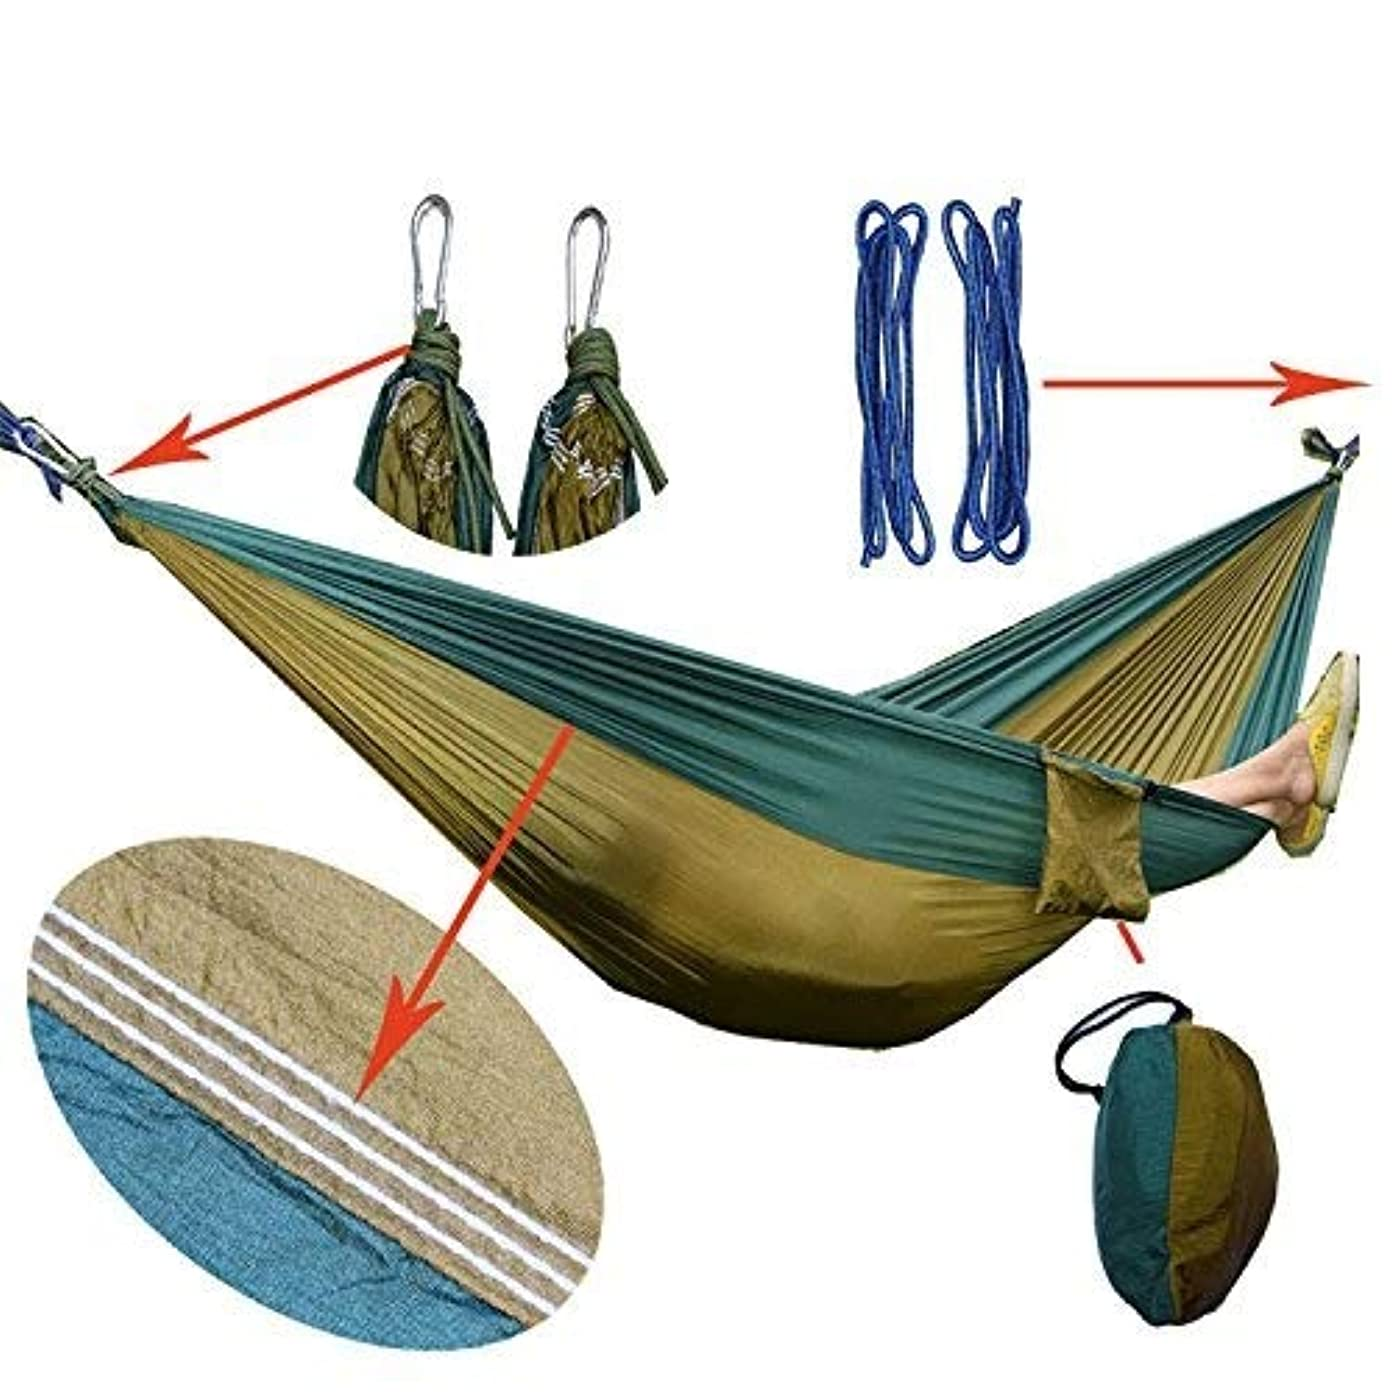 飾り羽貫通する十分にハンモック ハンモック、軽くて持ち運びが簡単ハンモックキャンプハンモック屋外ハンモック家族レジャーハンモック ハンモックキャンプ